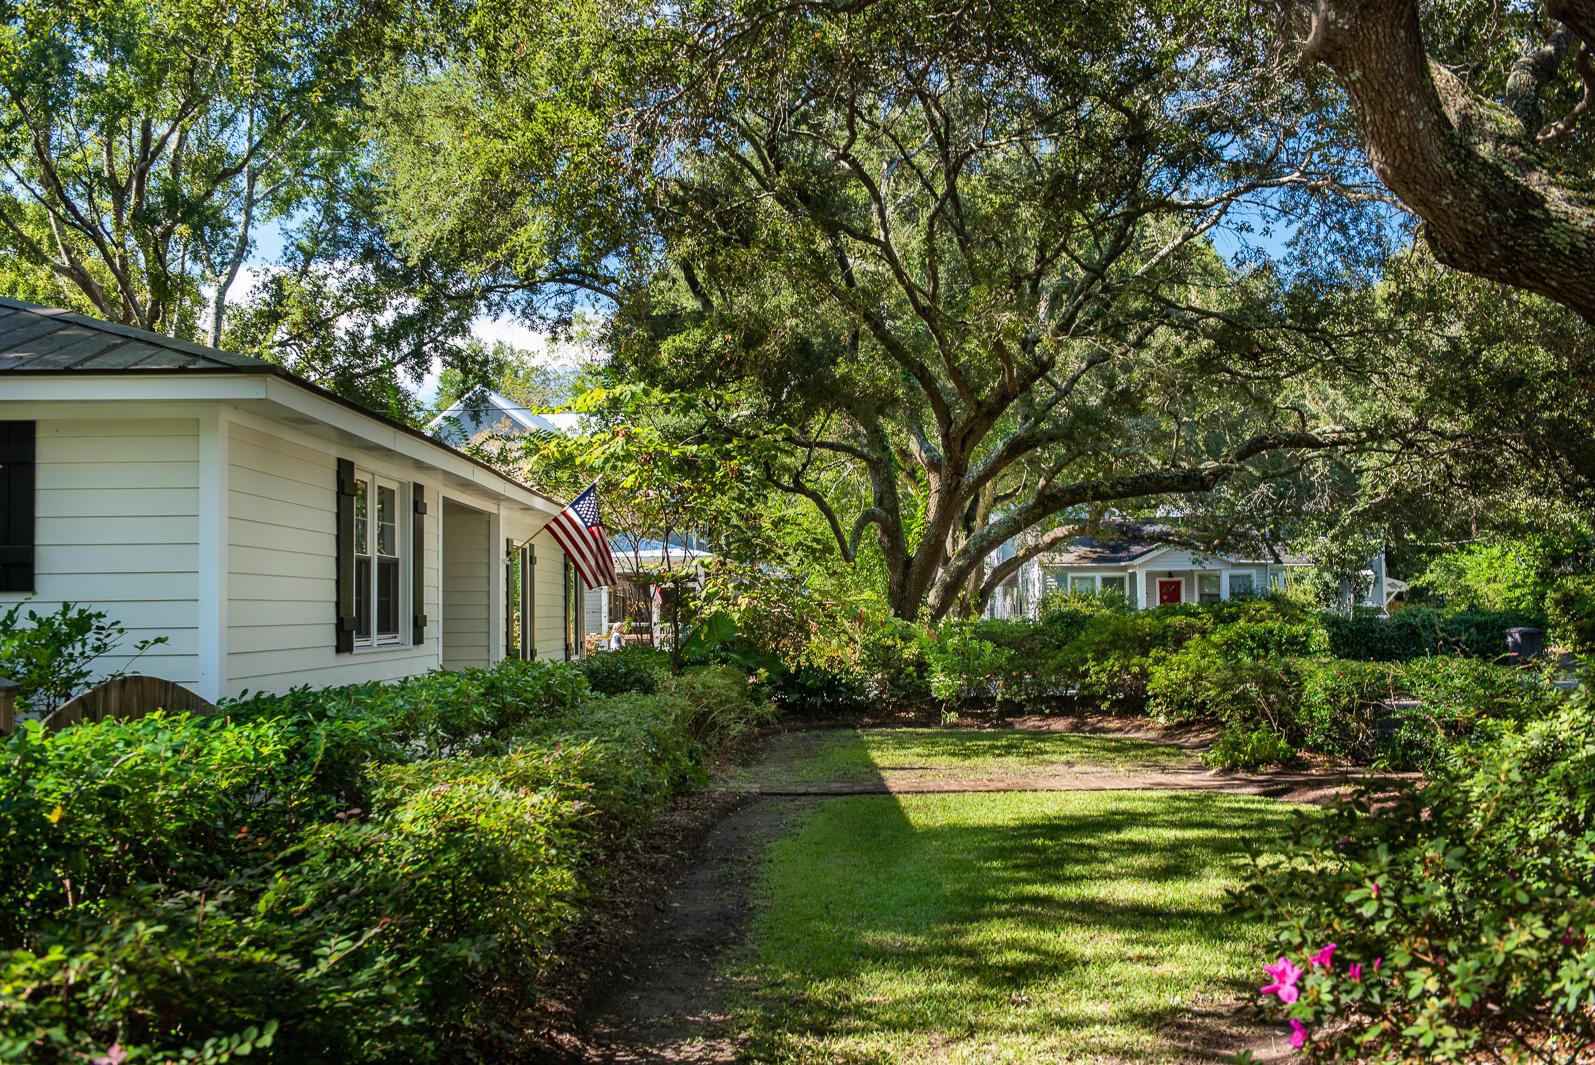 Old Mt Pleasant Homes For Sale - 1344 Fairmont, Mount Pleasant, SC - 3